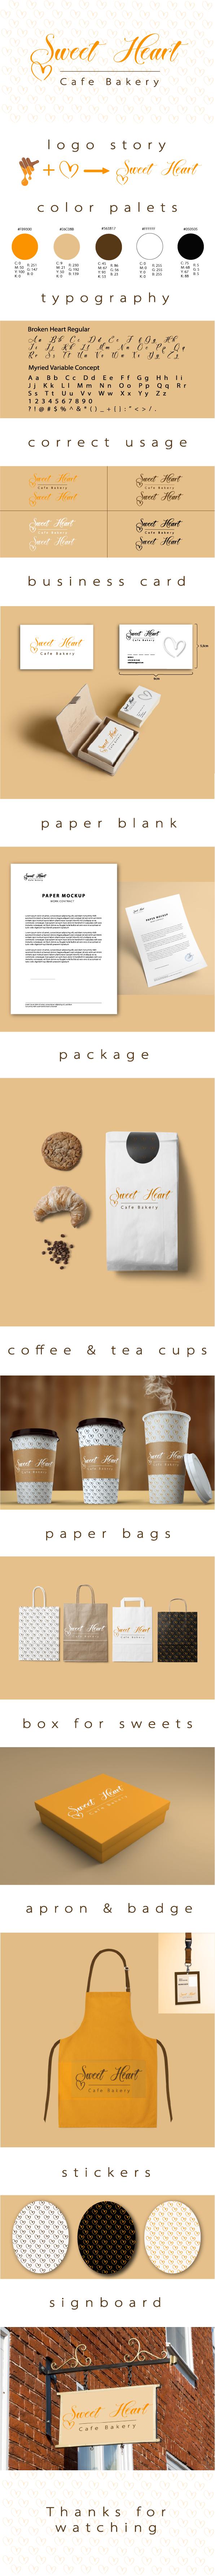 Sweet Heart brandbook